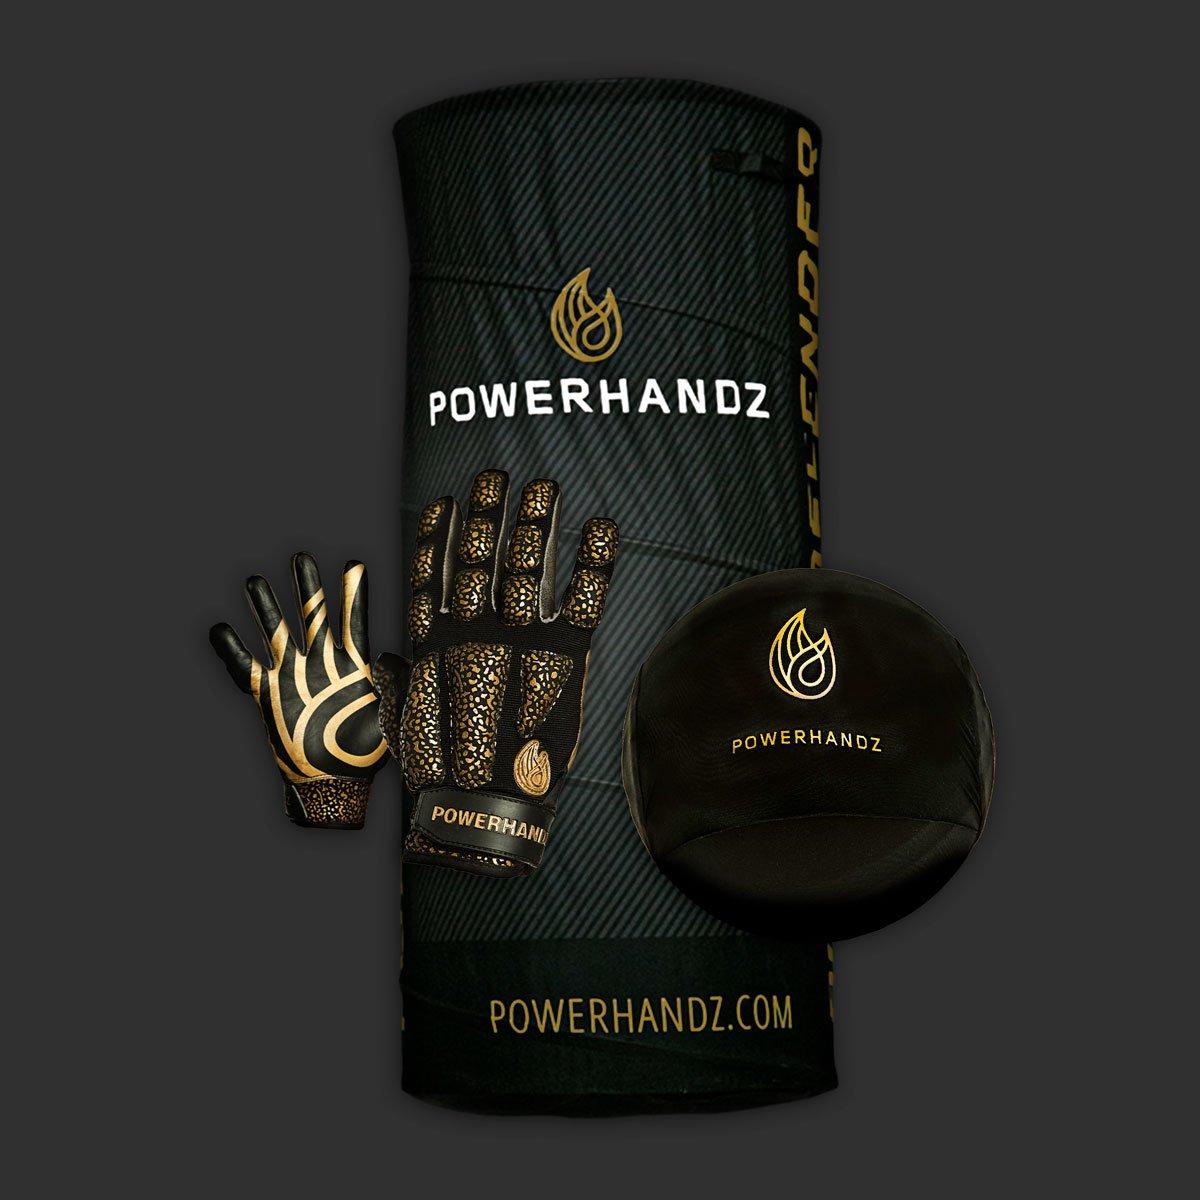 Powerhandz Package